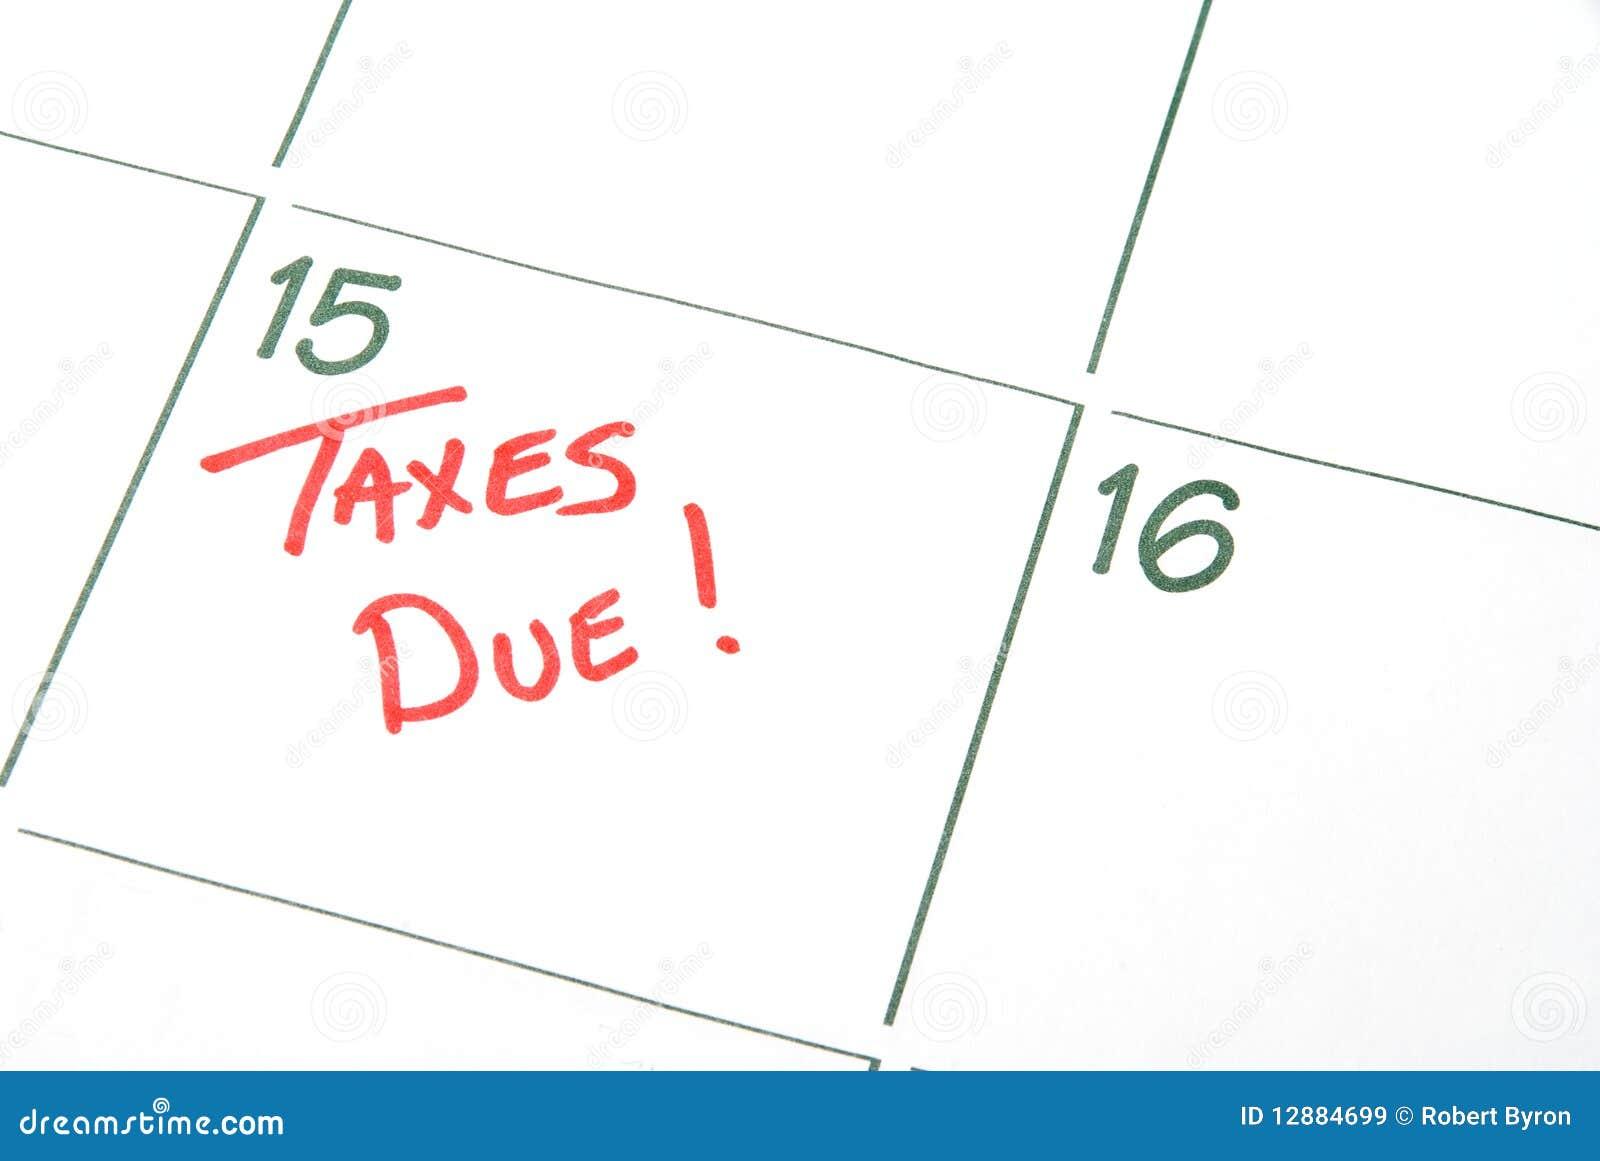 налог с наступившим сроком уплаты